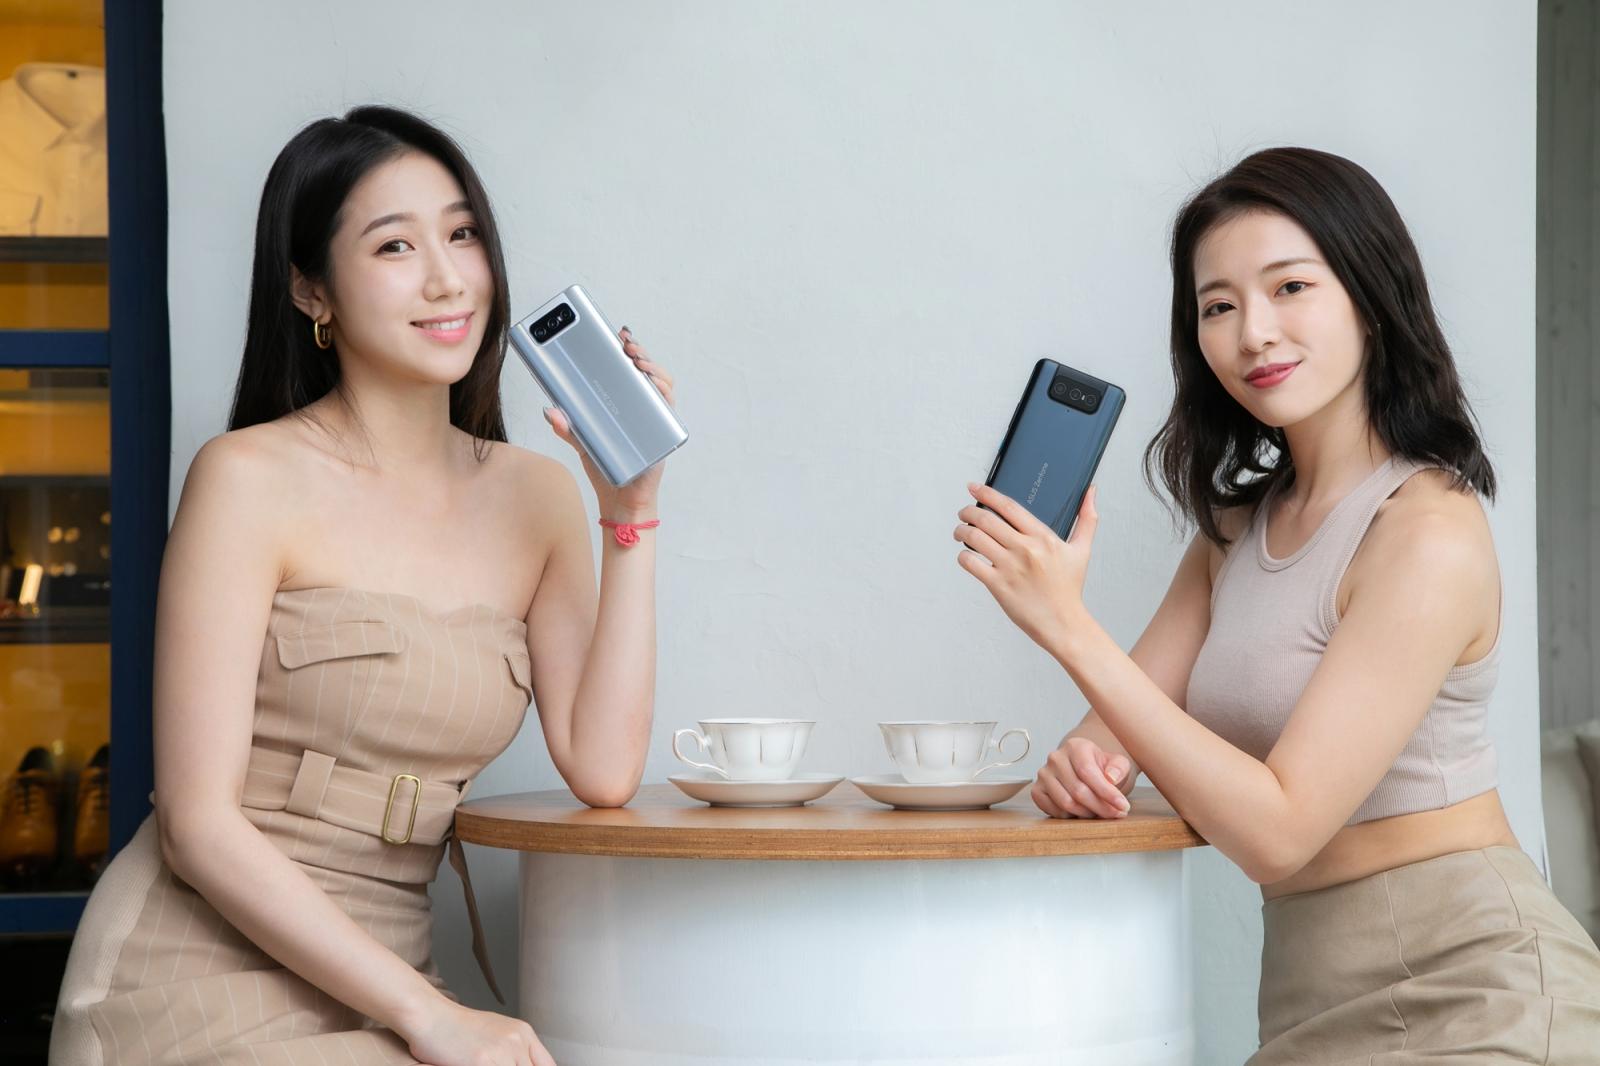 【快訊】今年第3款旗艦!華碩爆8月將發表新手機